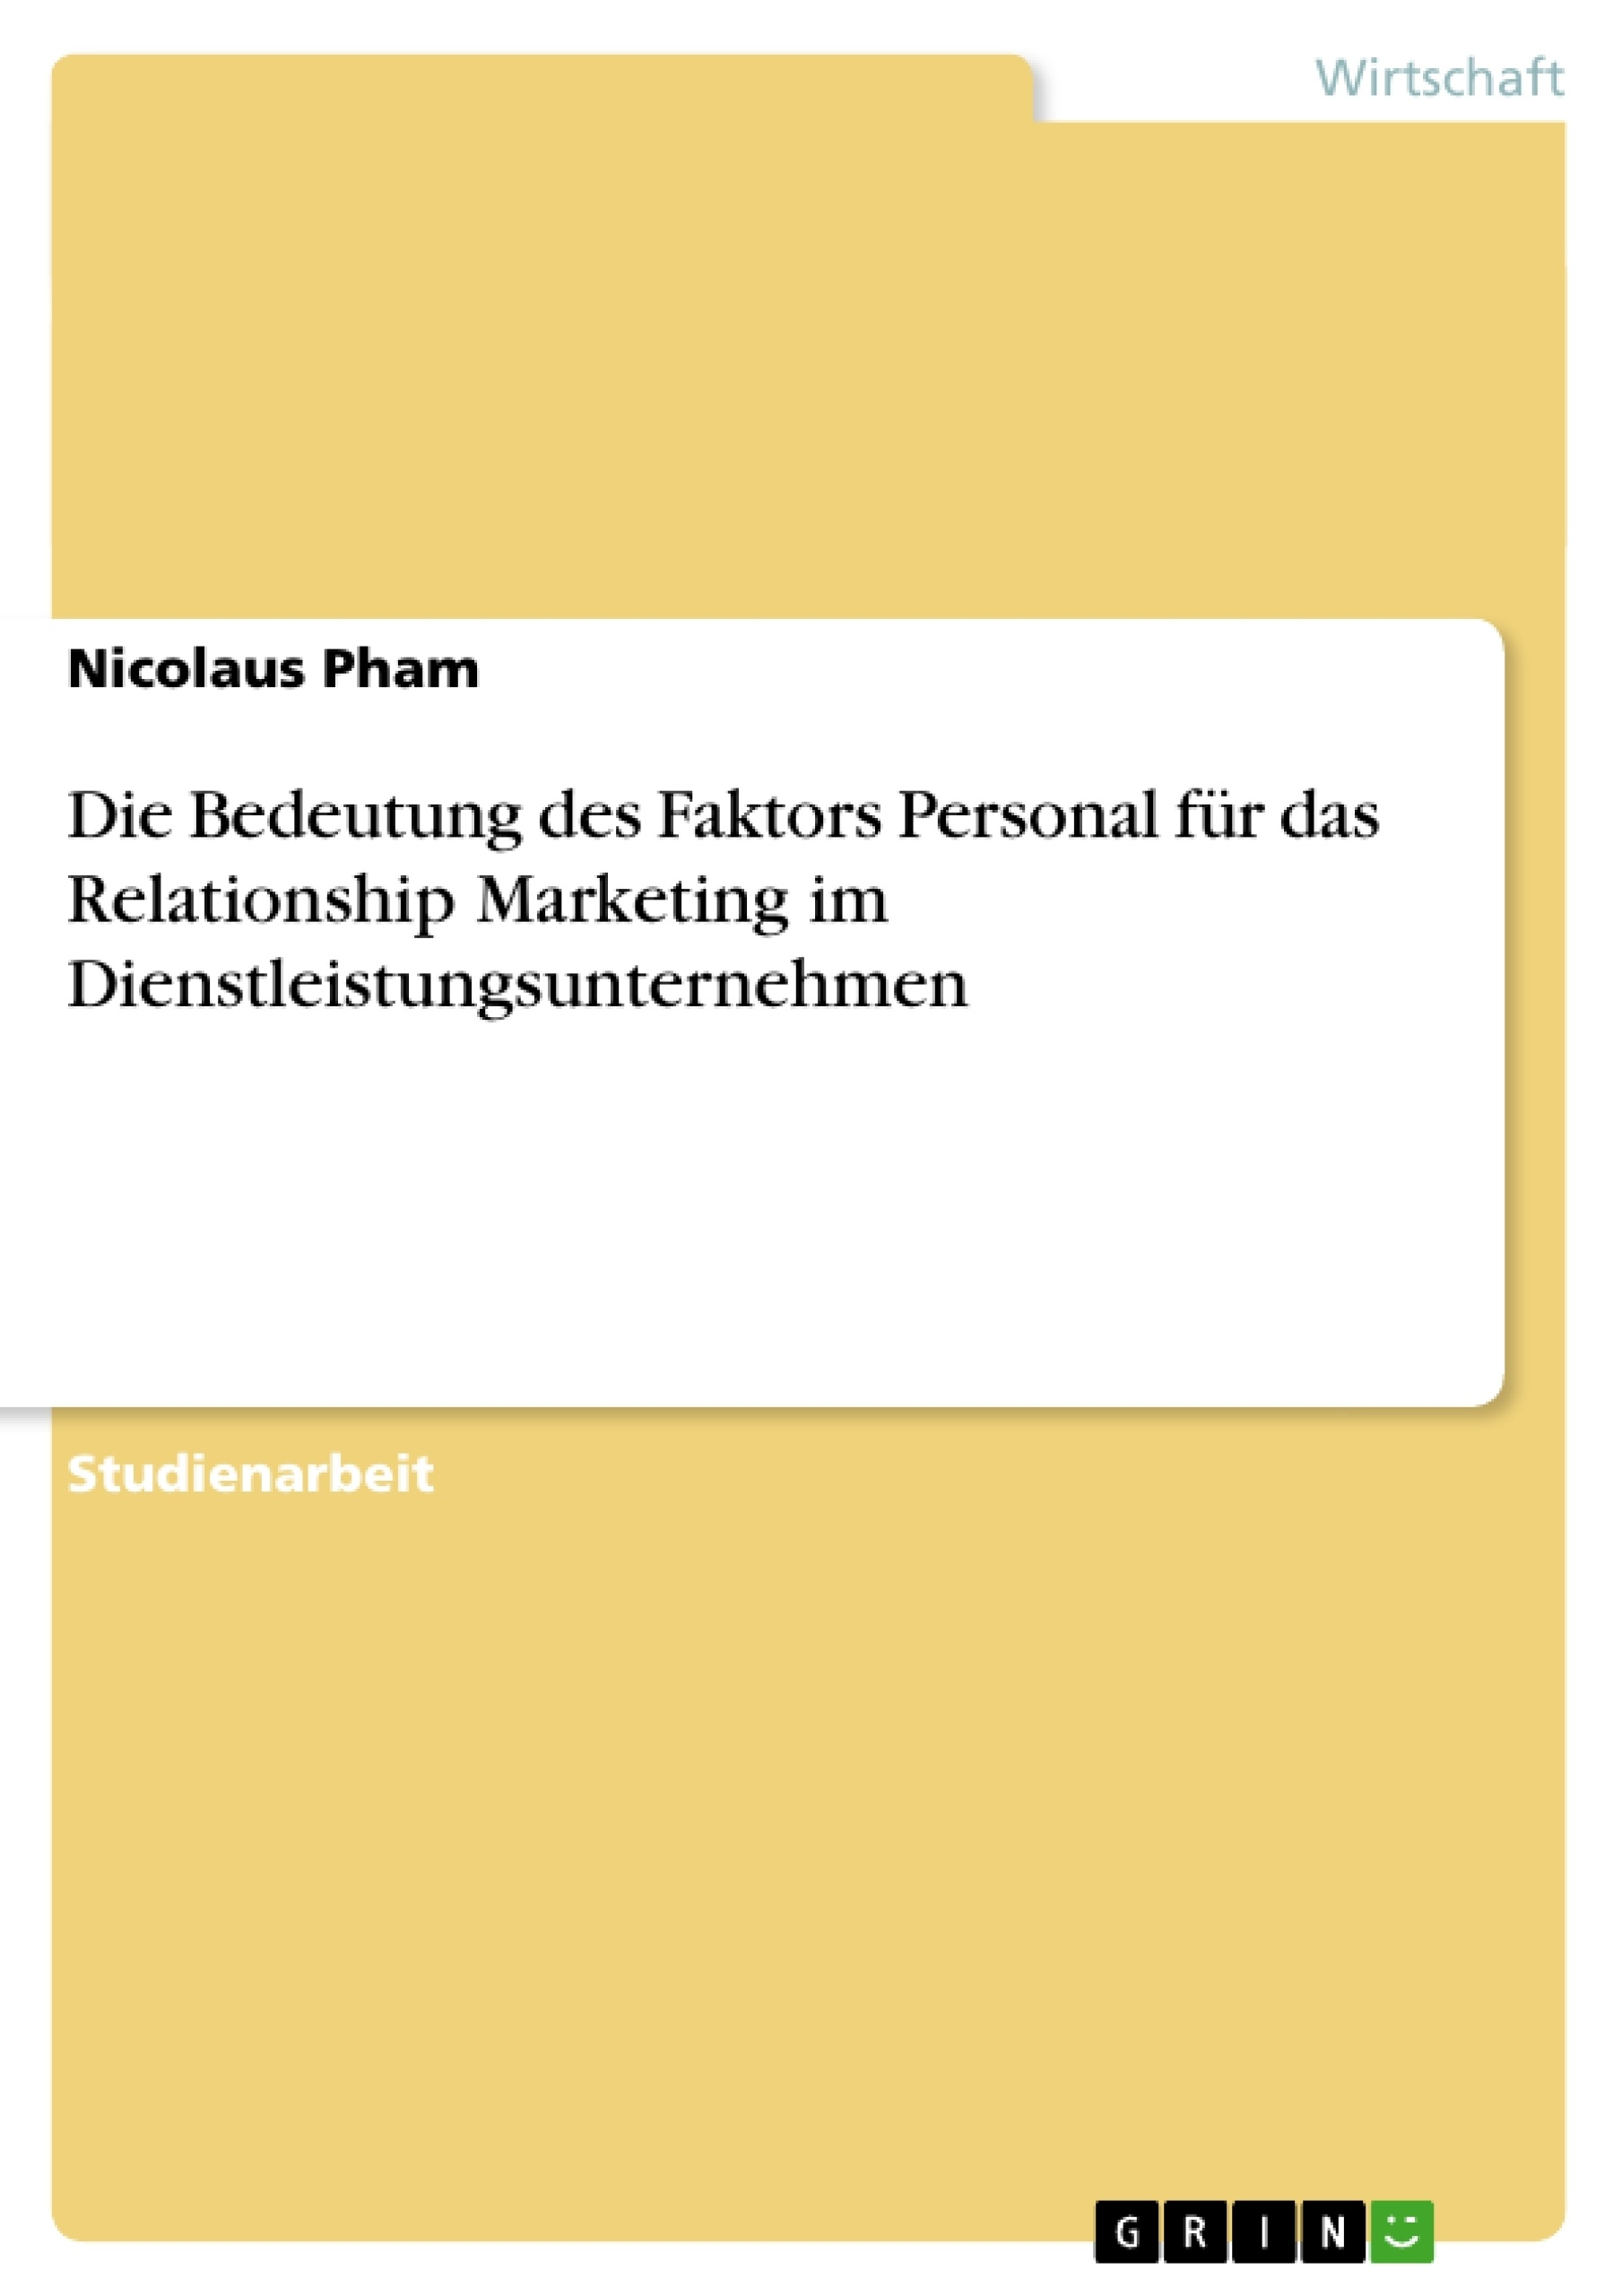 Titel: Die Bedeutung des Faktors Personal für das Relationship Marketing im Dienstleistungsunternehmen